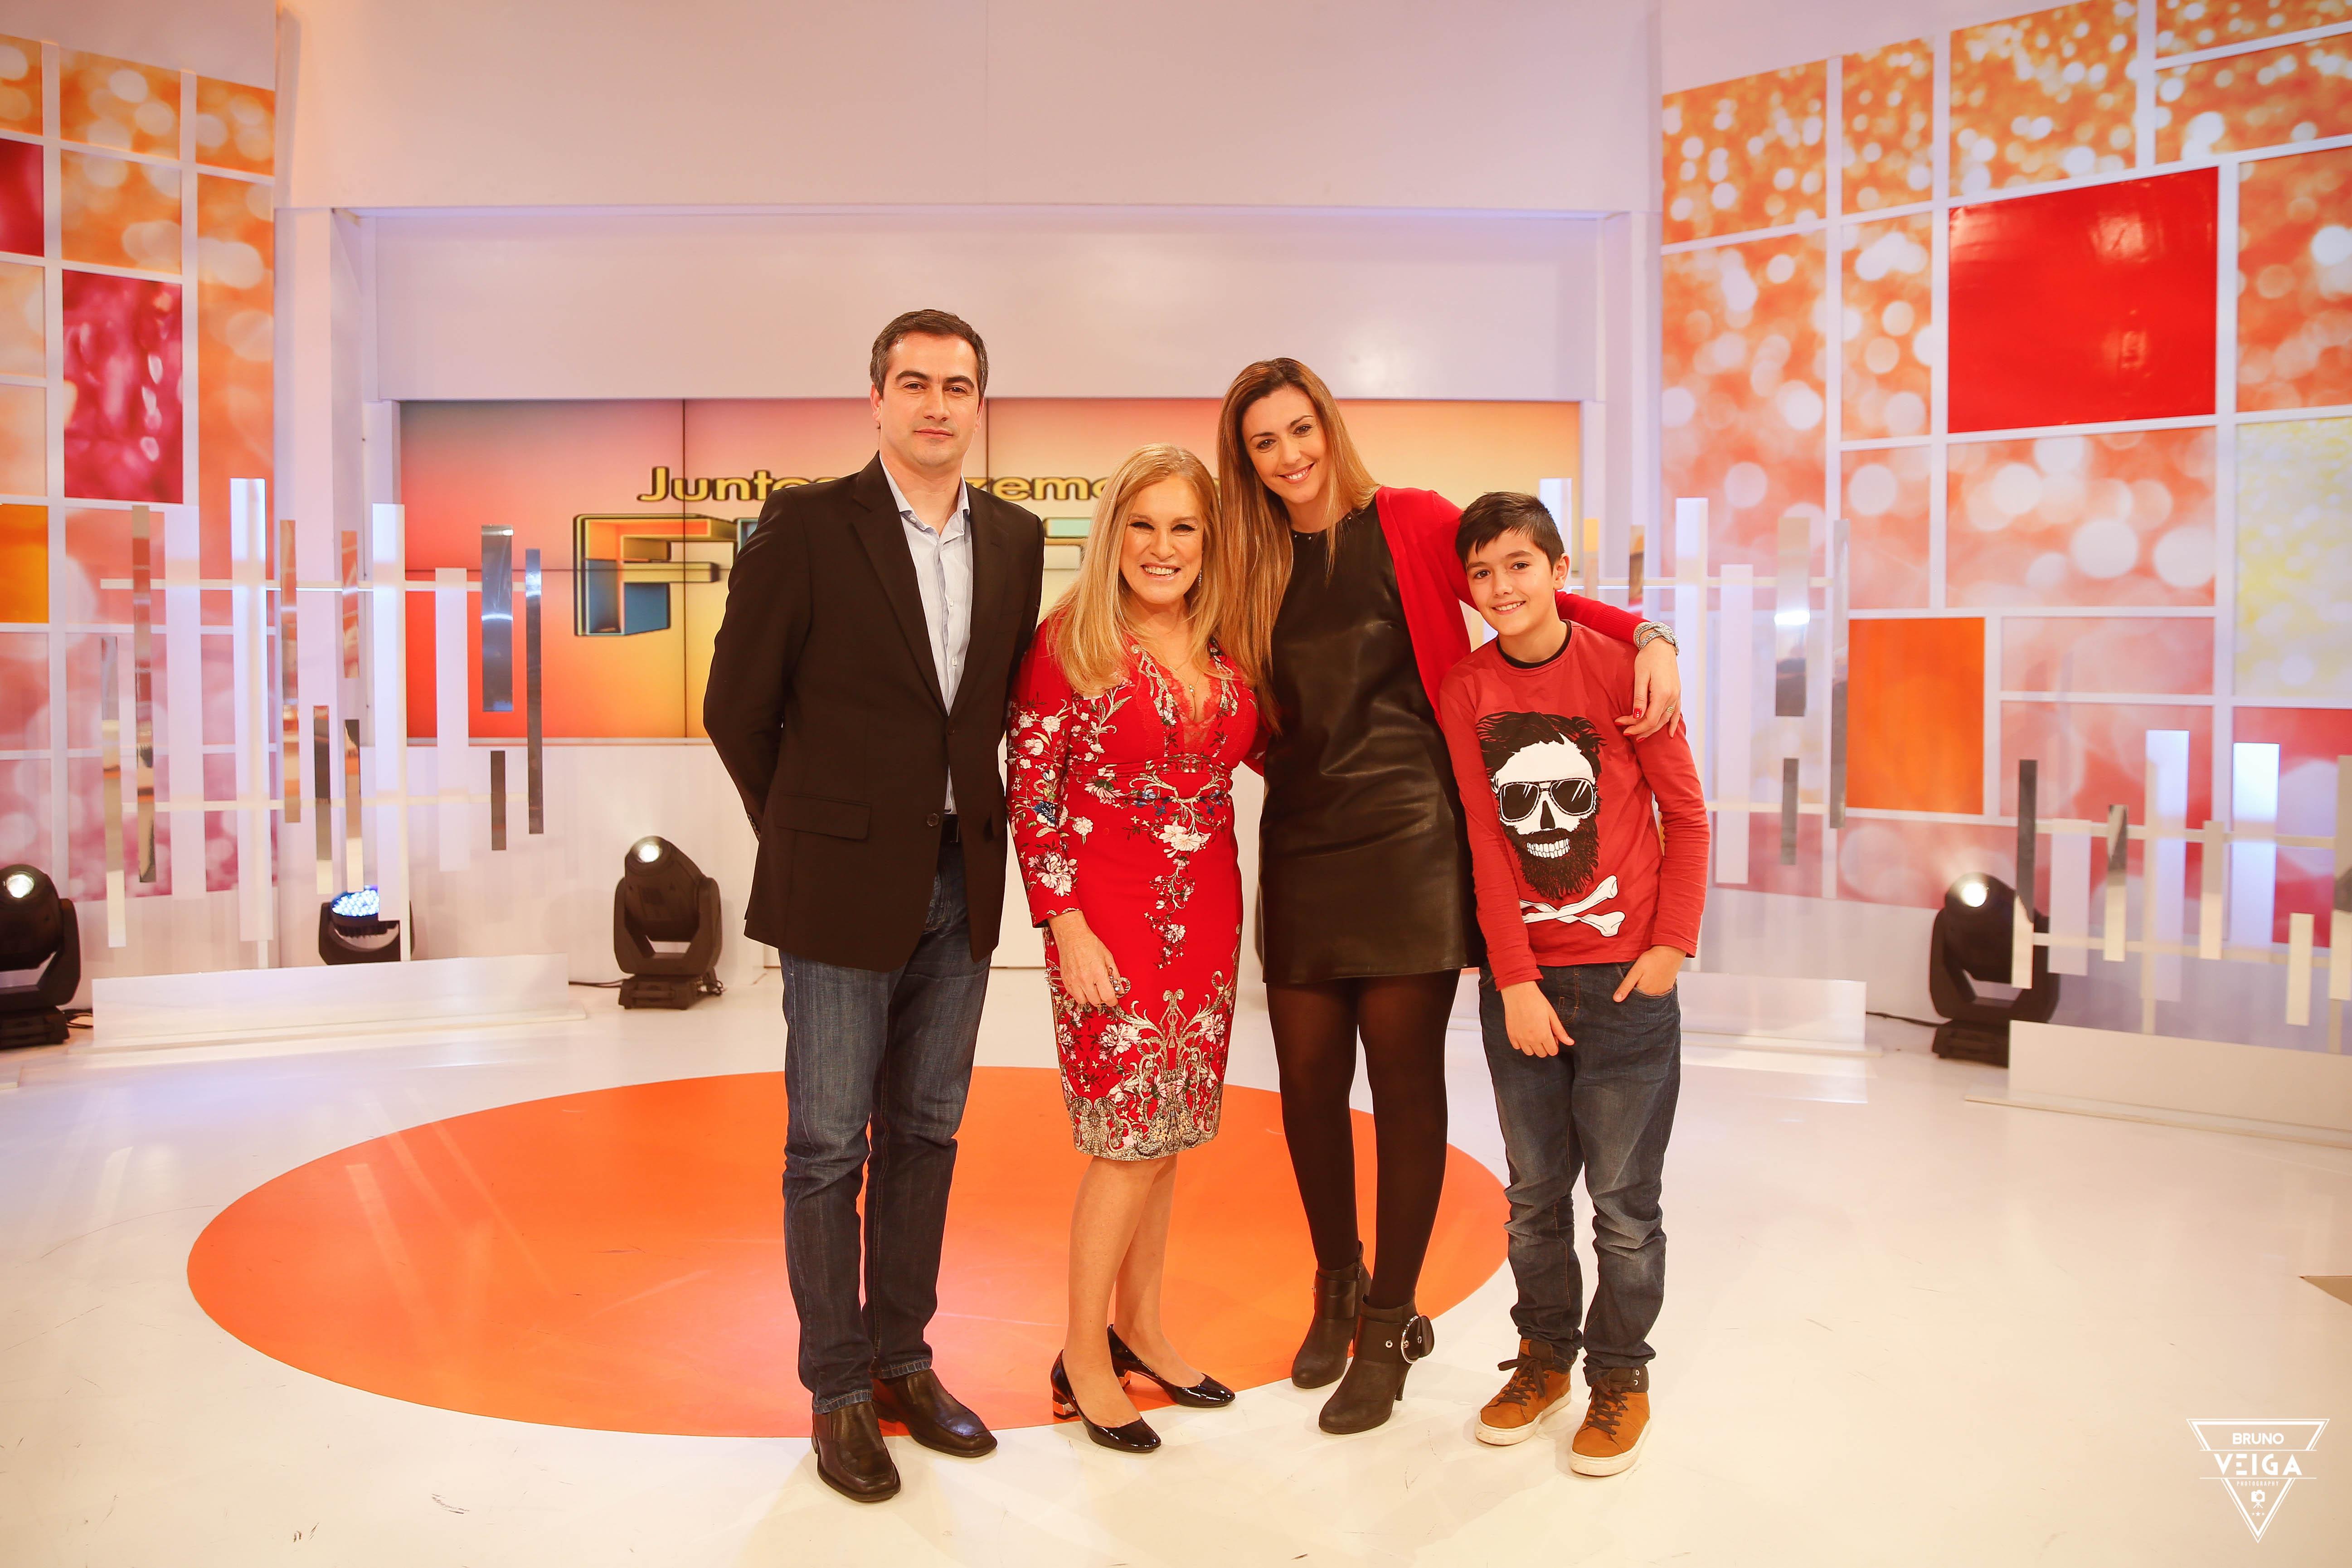 Teresa Guilherme nos bastidores da televisão - foto de família com o Telmo, a Célia e o filho Alexandre.